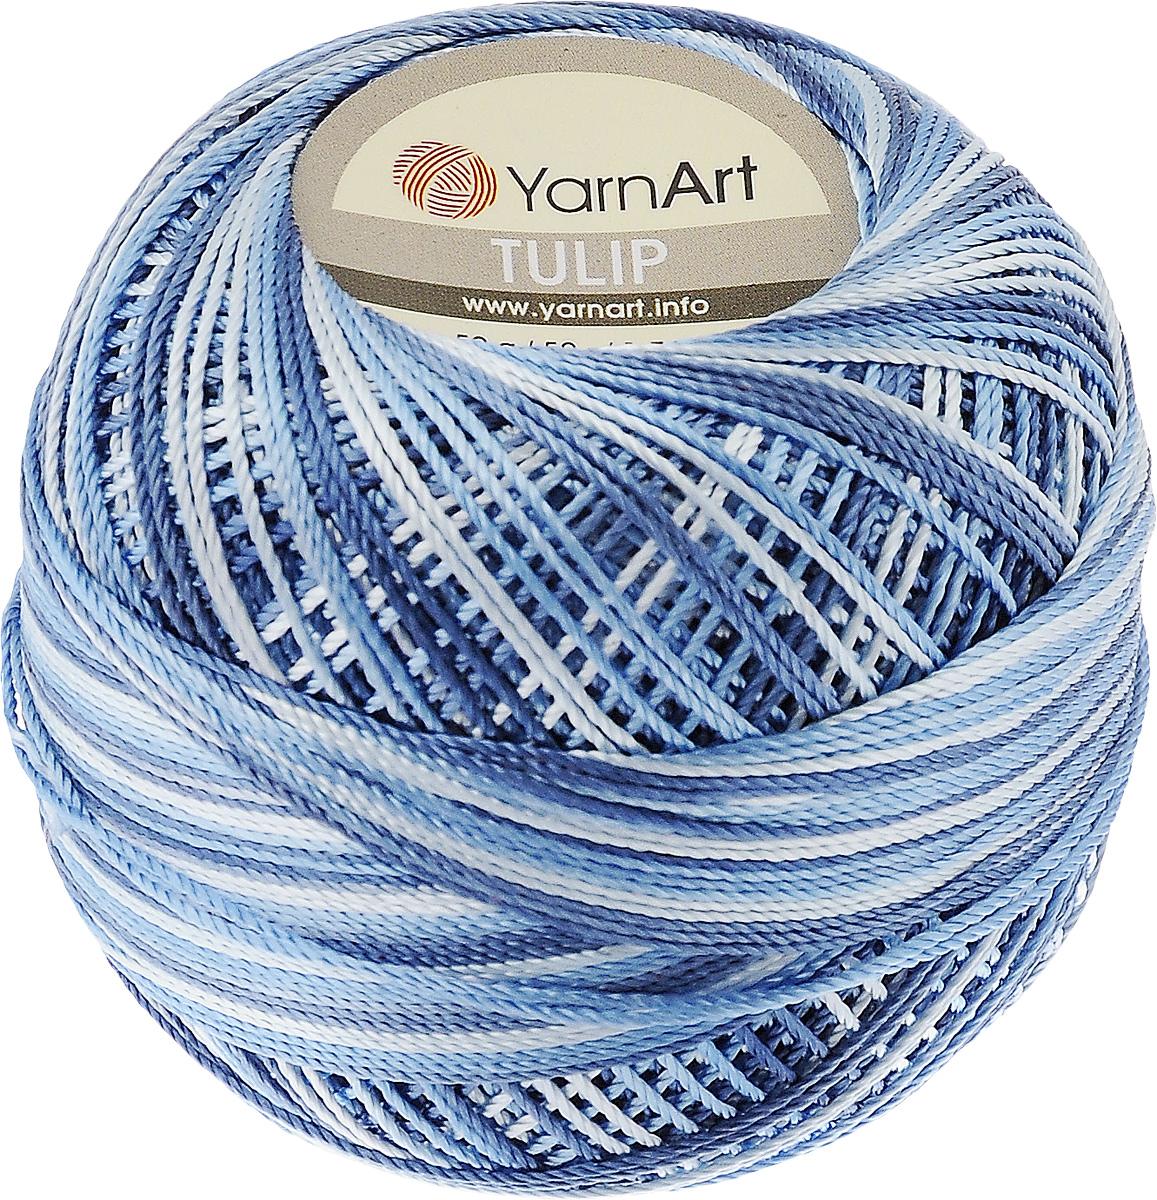 Пряжа для вязания YarnArt Tulip, цвет: синий, голубой, белый (456), 250 м, 50 г, 6 шт372017_456Пряжа для вязания YarnArt Tulip (Ирис) изготовлена из 100% микрофибры. Пряжа приятная на ощупь, легкая, тонкая и упругая. Хорошо смотрится практически в любых узорах, не косит, послушно ложится в узоры и спицами, и крючком. Ниточка блестящая и такими же блестящими получаются изделия из нее. Нить удобна и практична тем, что хорошо смотрится как в объемных рельефных узорах, так и в самой простой чулочной вязке. Пряжа Tulip - классический вариант демисезонной пряжи, идеальна для создания летней одежды, купальников, аксессуаров, бижутерии, салфеток, ирландского кружева, жгутов и т.д. Нежная текстура ниток подходит для создания одежды детям. Изделия получаются легкими, не деформируются и не вытягиваются ни при вязании, ни при последующей носке. Микрофибра гипоаллергенна, поэтому вязаные вещи подходят даже для чувствительной кожи. Богатая цветовая гамма однотонных и меланжевых расцветок порадует рукодельниц и удовлетворит даже самых взыскательных модниц. Нить очень тонкая, поэтому для работы с ней нужна определенная сноровка и строгое соответствие номера крючка или спиц. Рекомендуемый размер крючка и спиц 2,5 мм. Состав: 100% микрофибра. Толщина нити: 1 мм. Комплектация: 6 шт. Рекомендуем!